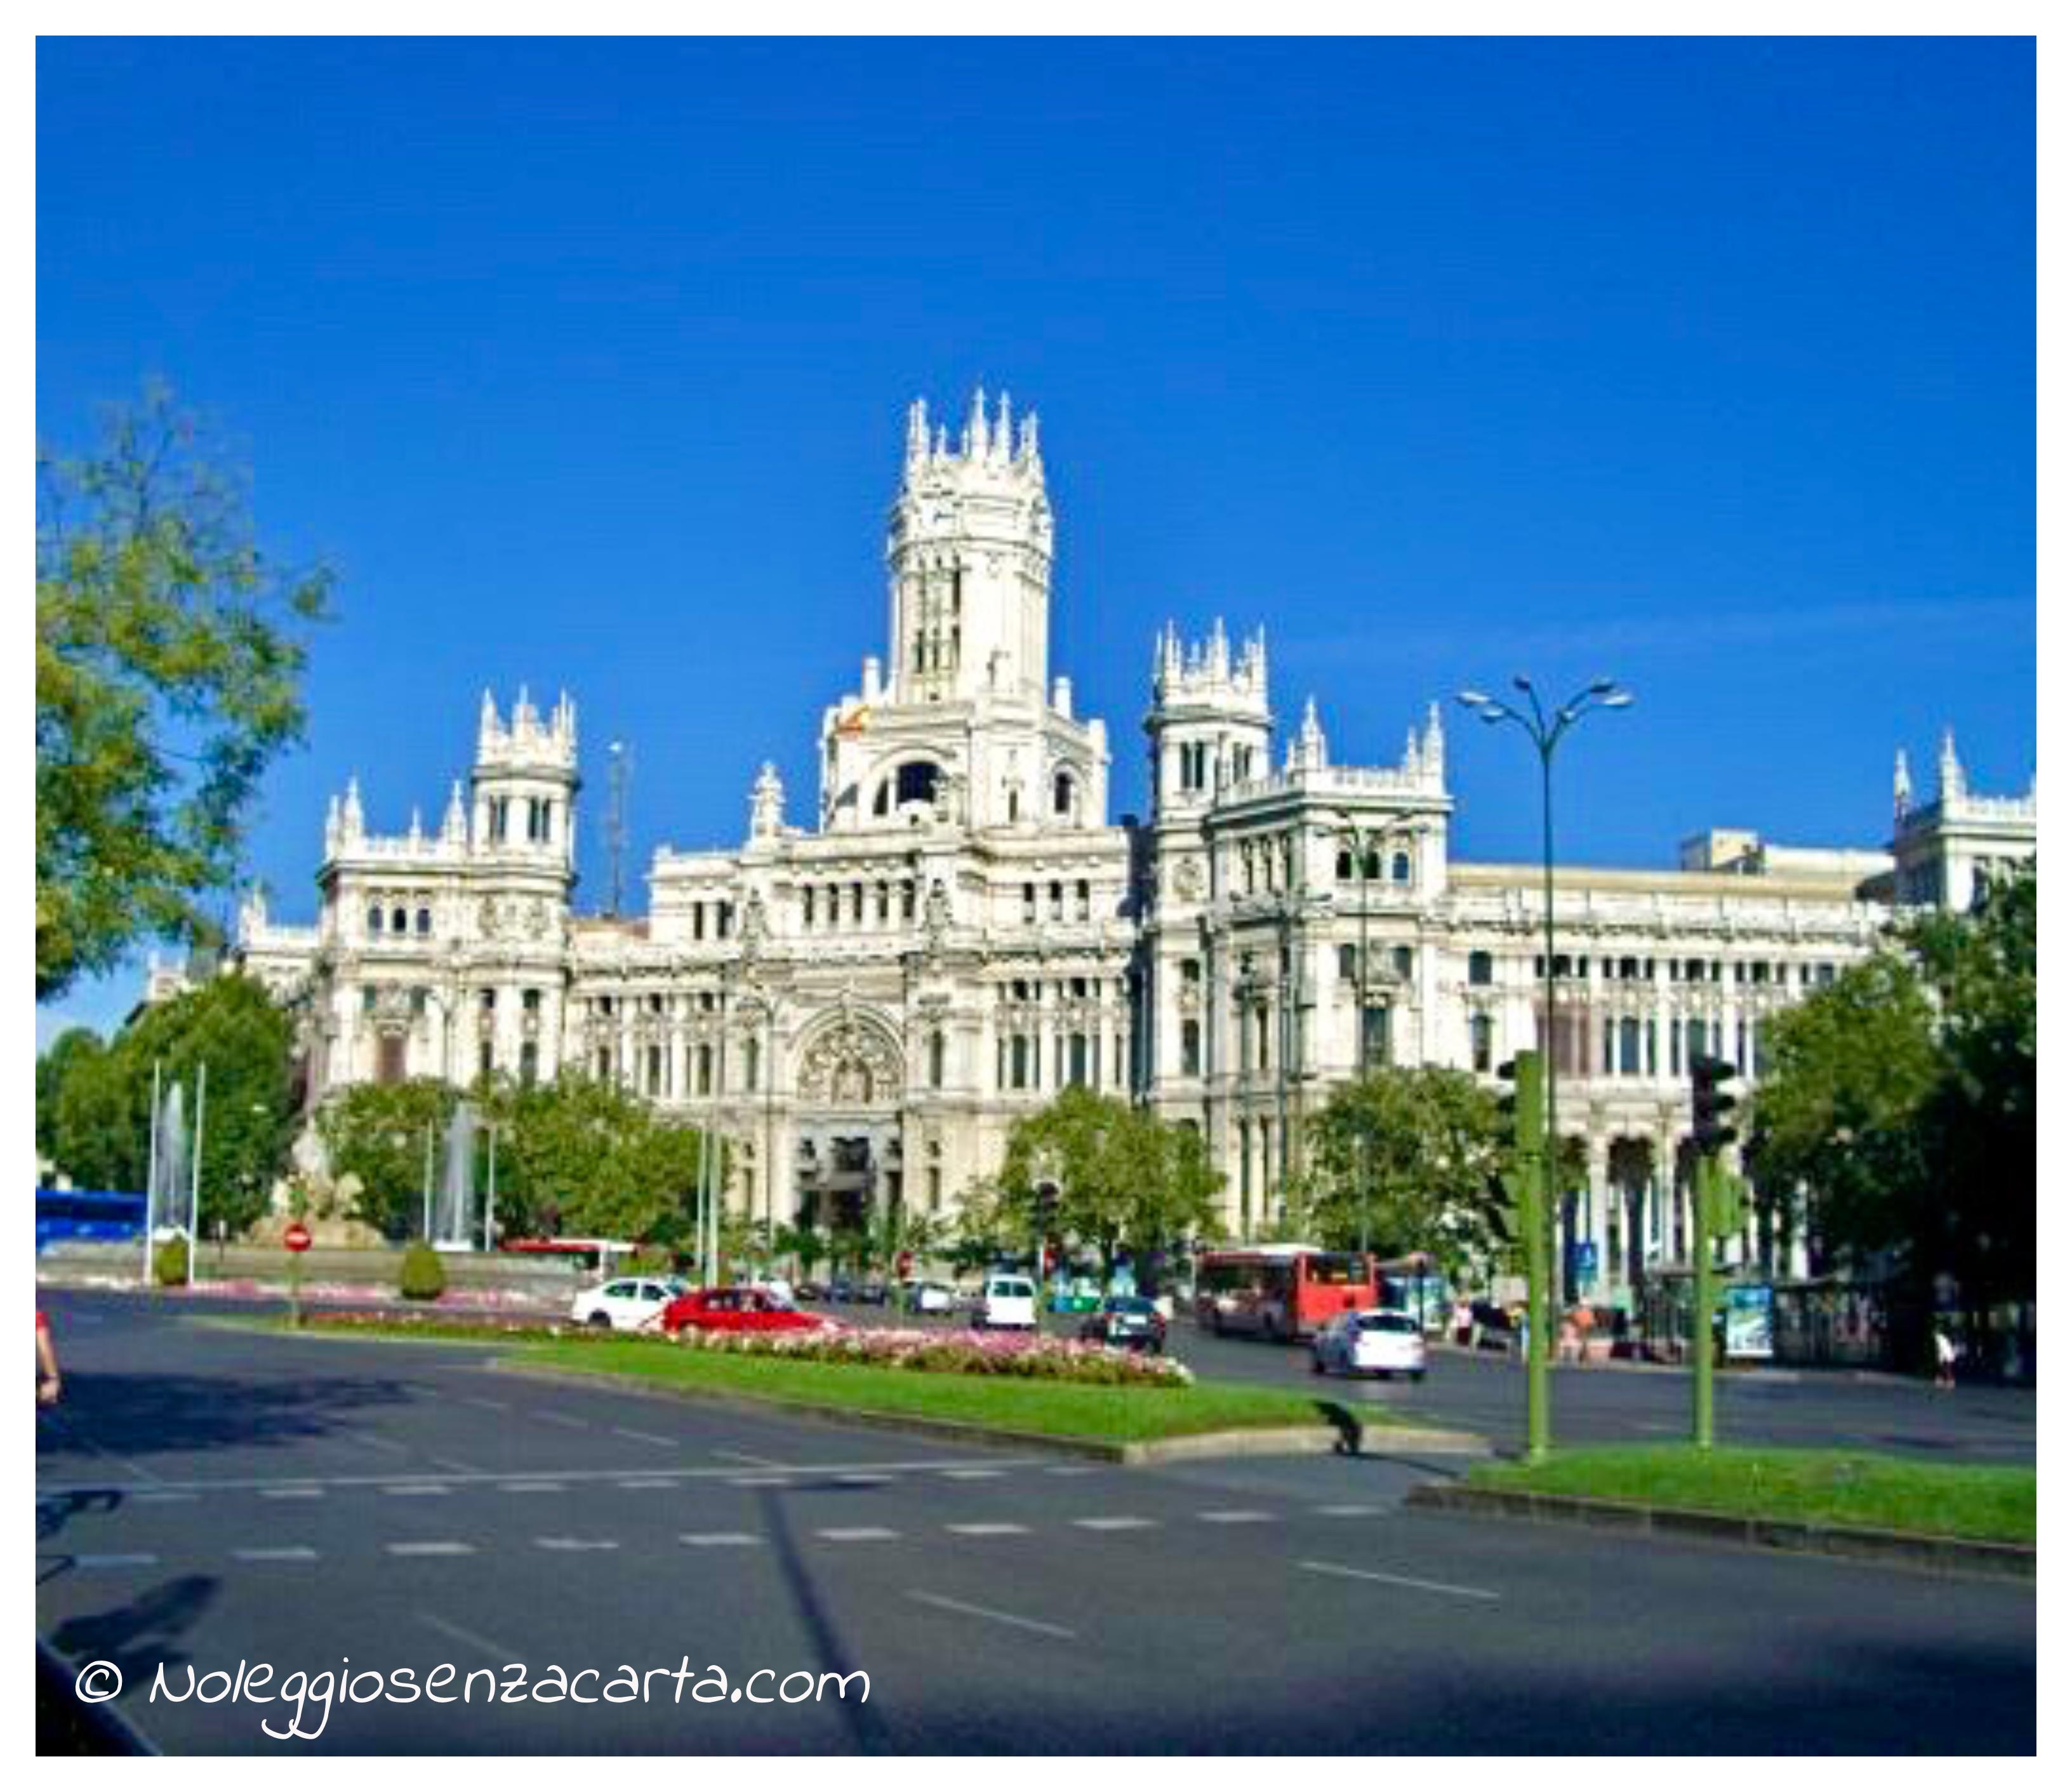 Alquiler coche Madrid sin tarjeta de crédito